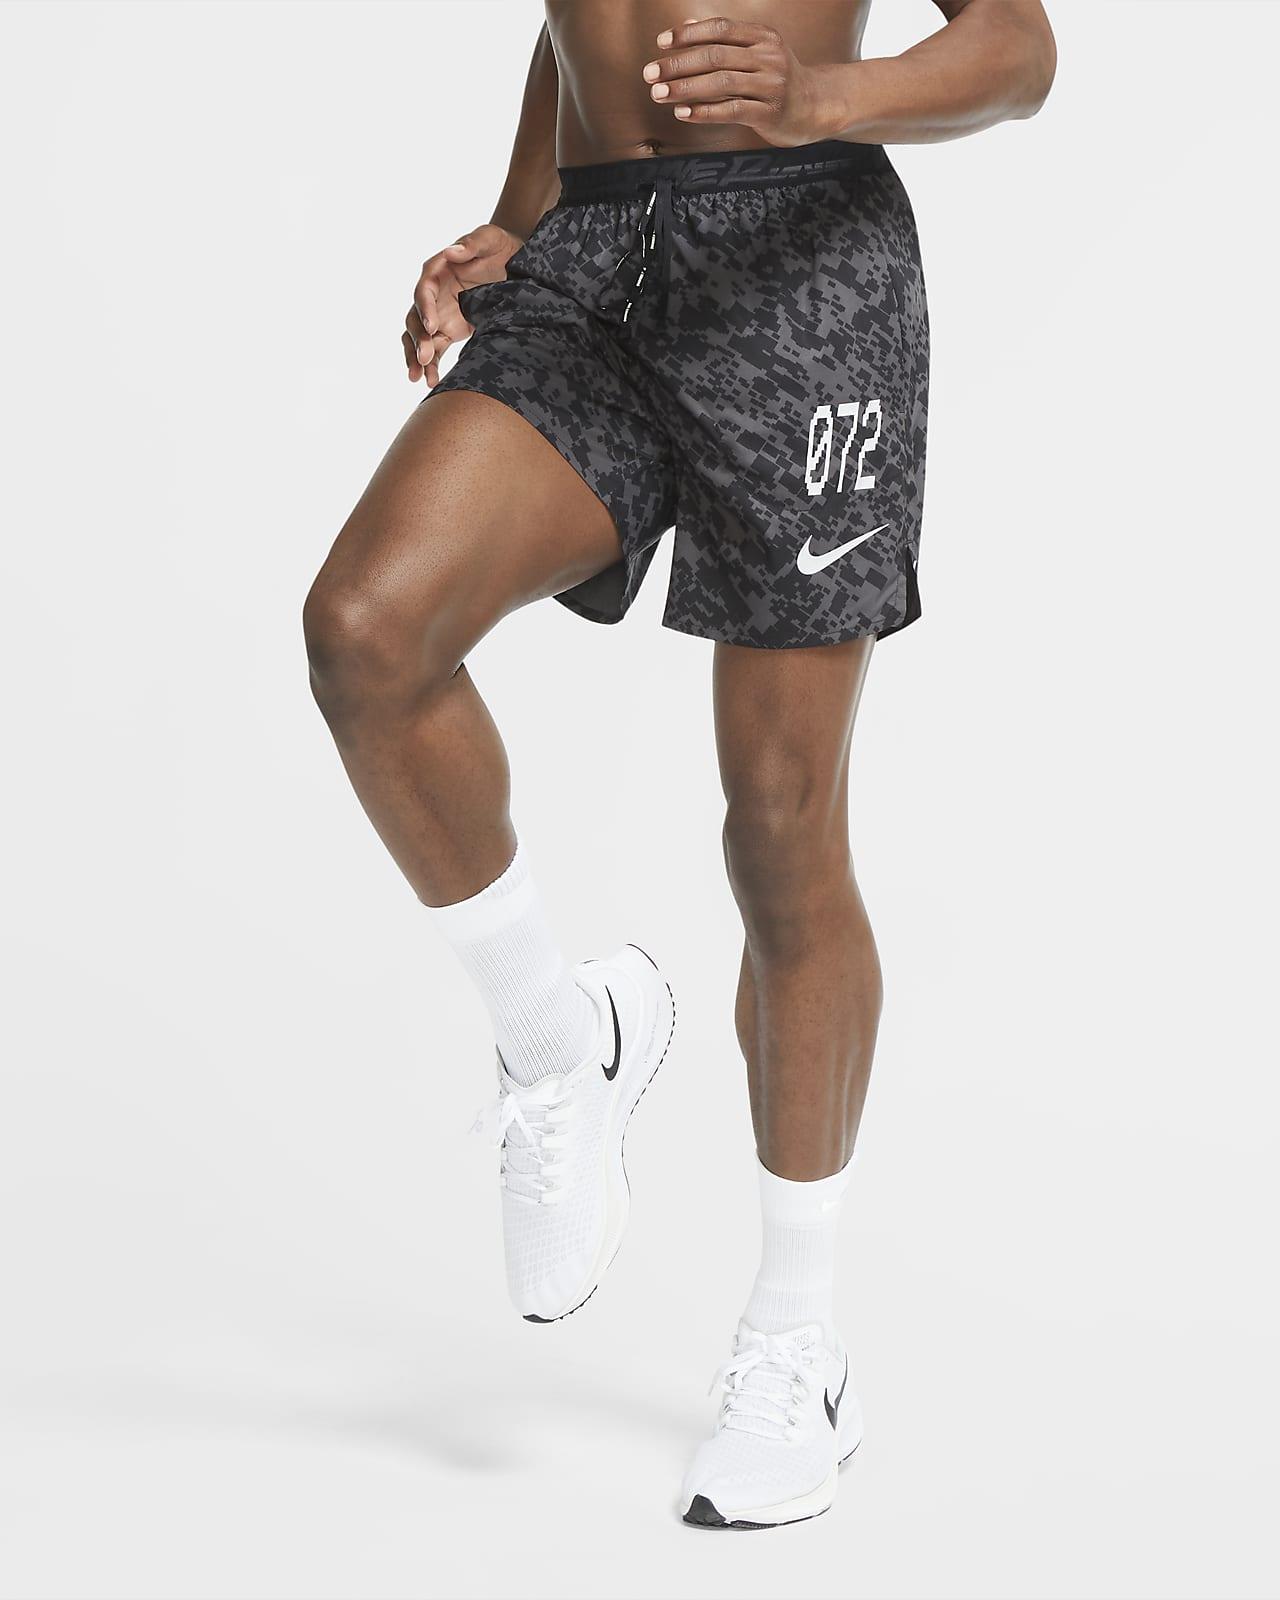 Pánské běžecké kraťasy Nike Stride Wild Run bez podšívky